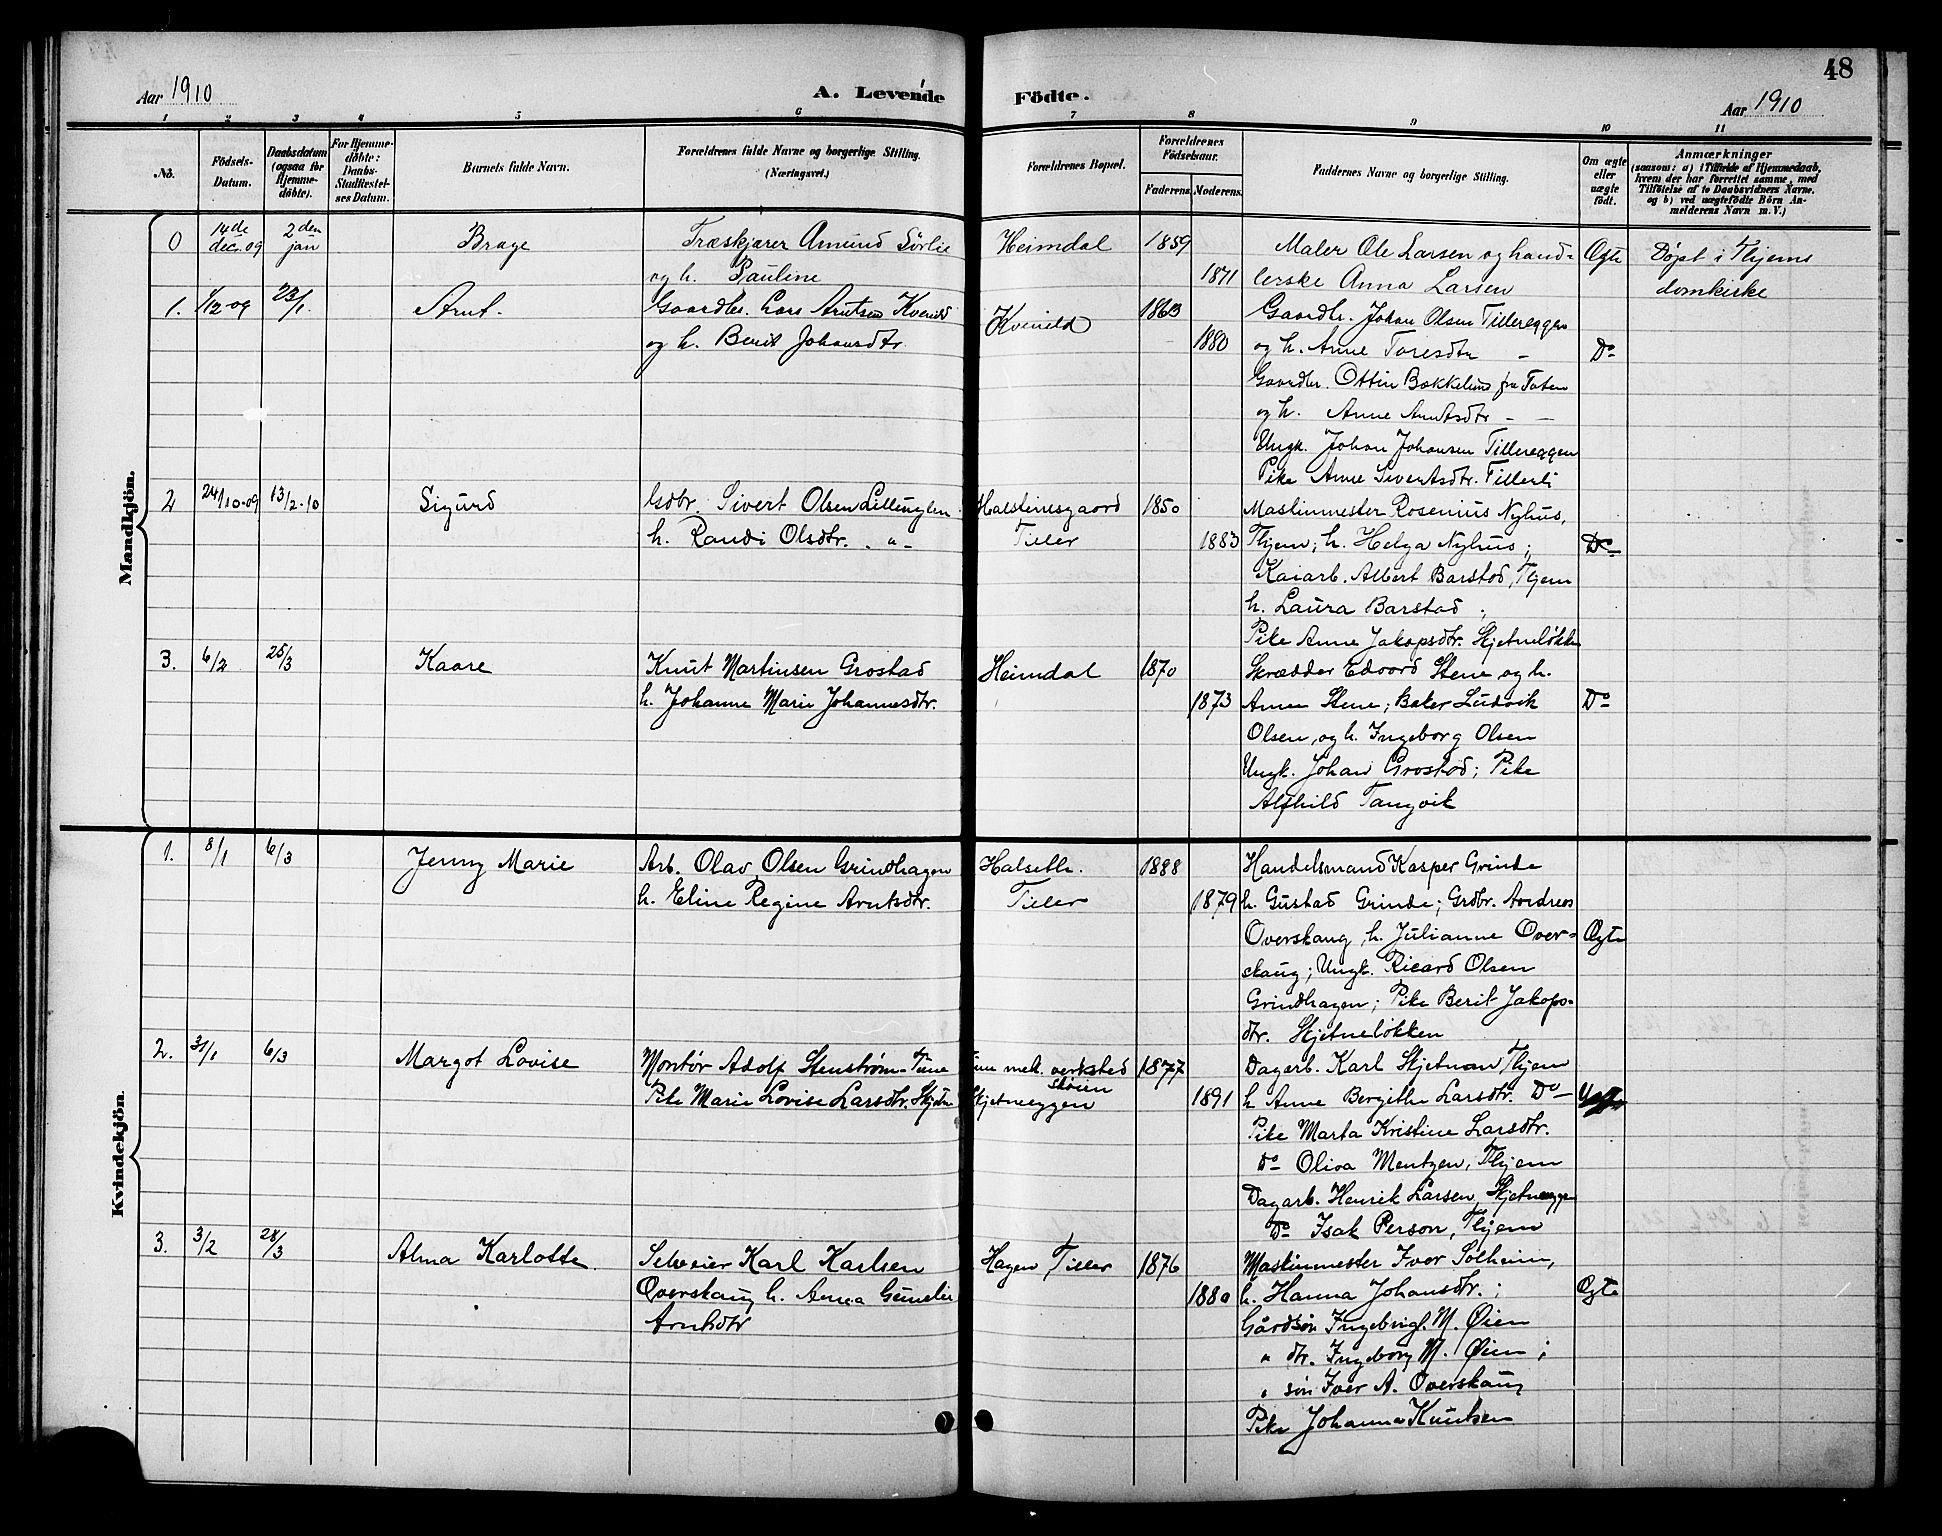 SAT, Ministerialprotokoller, klokkerbøker og fødselsregistre - Sør-Trøndelag, 621/L0460: Klokkerbok nr. 621C03, 1896-1914, s. 48